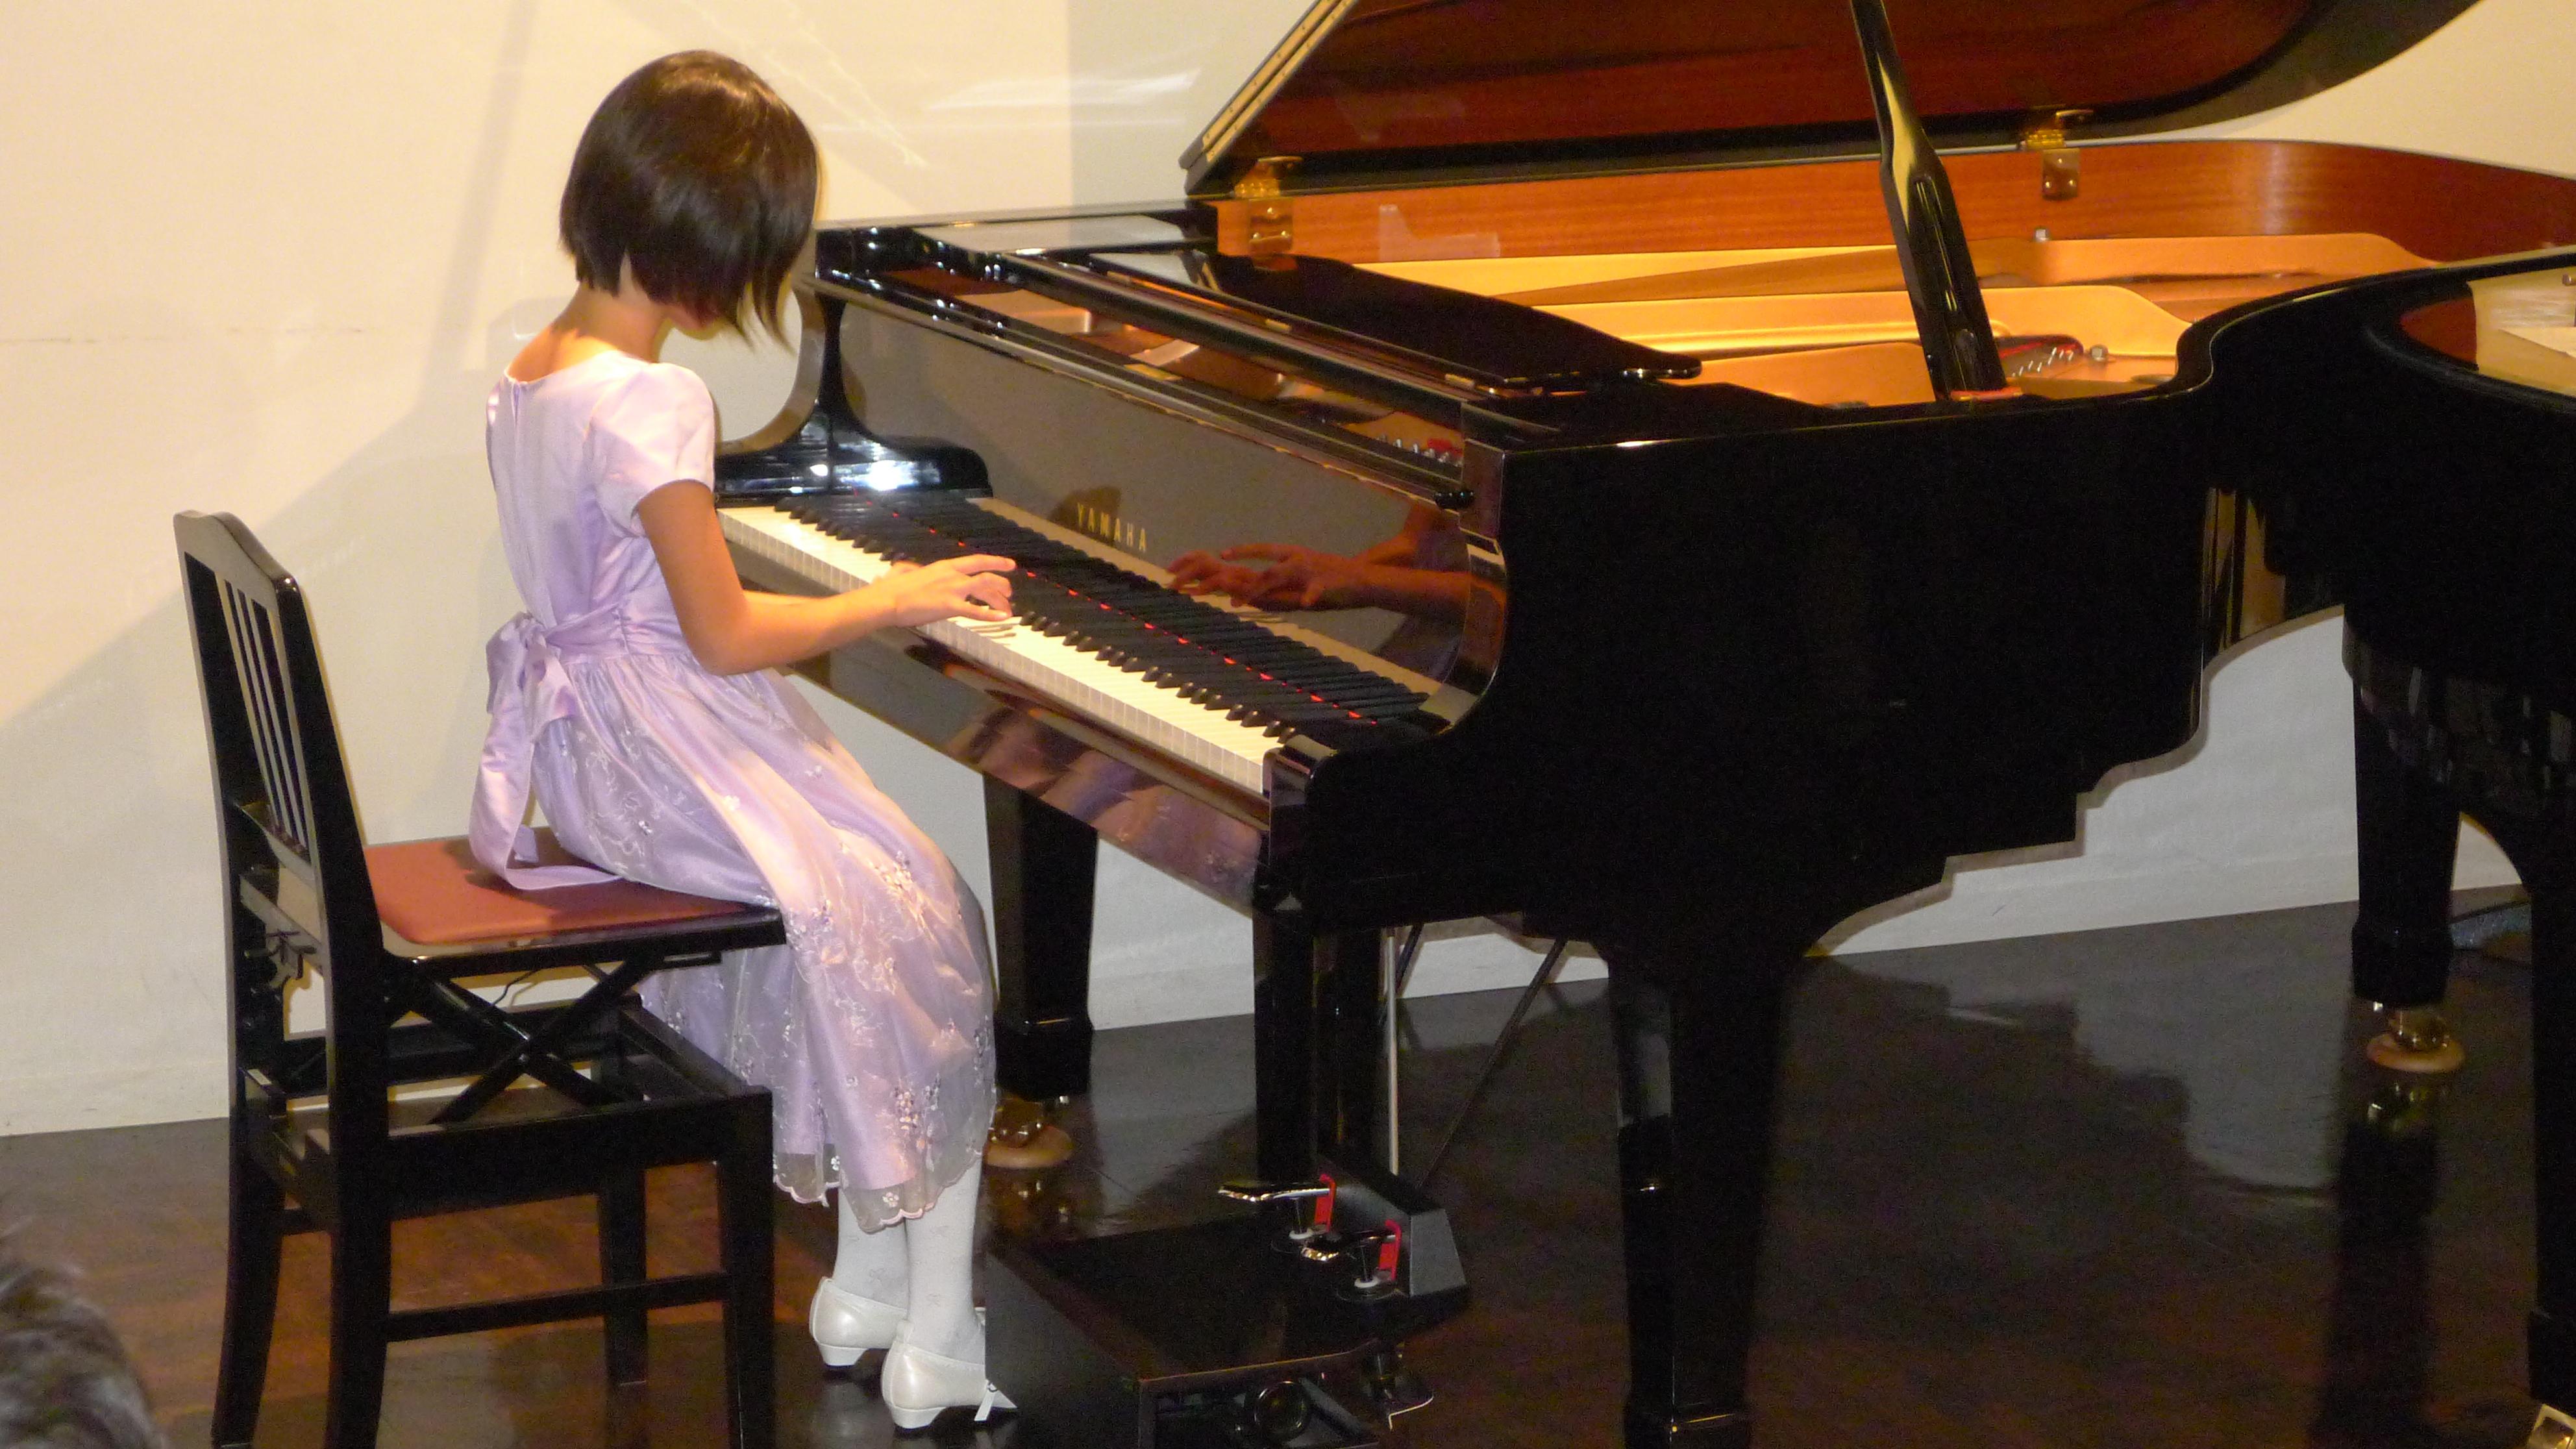 仙台市泉区北中山のピアノ教室 ピアノコンサート H1